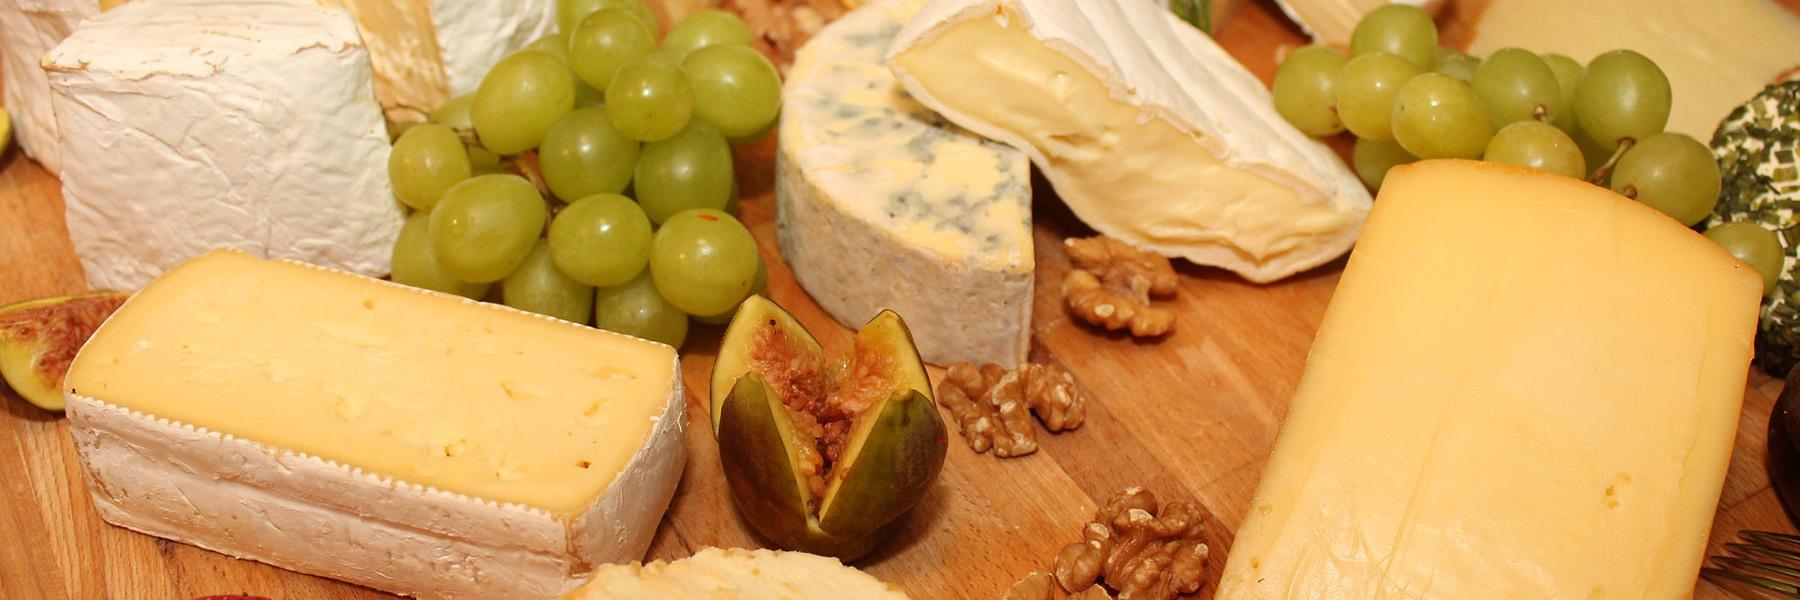 fromage-bon-pour-la-sante.jpg